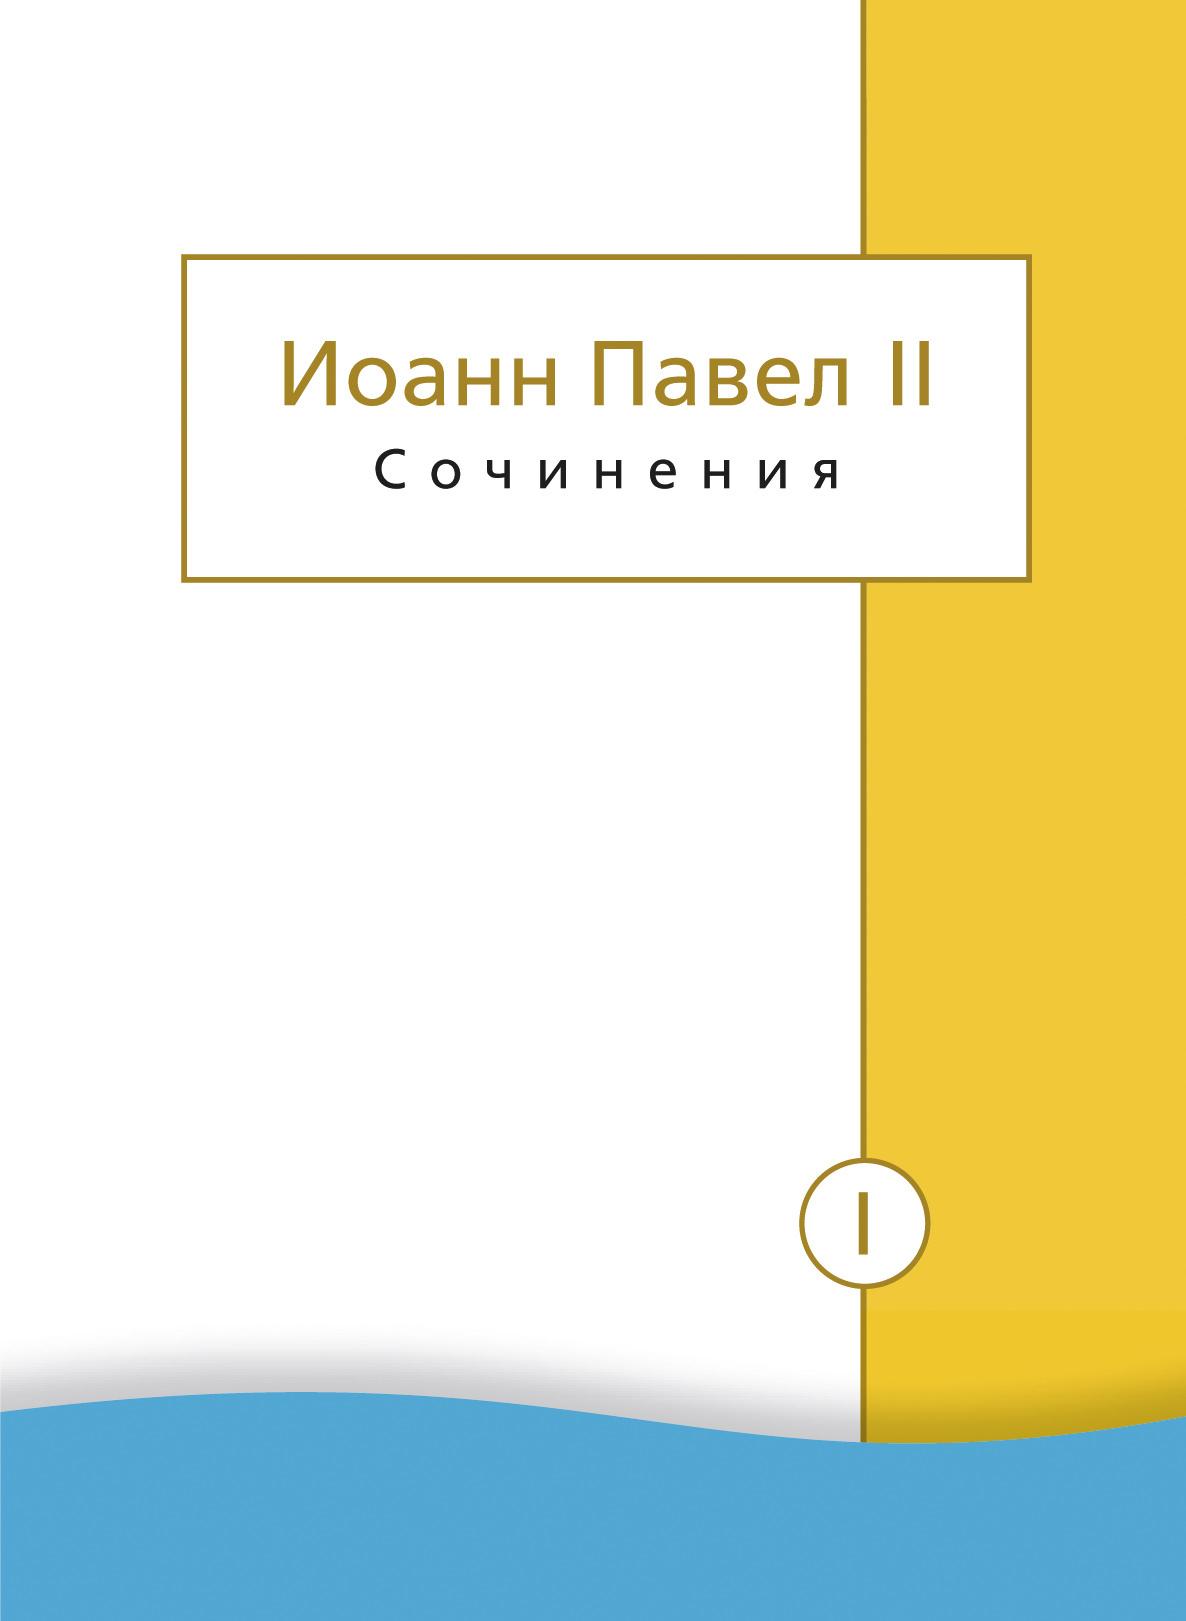 Иоанн Павел II - Сочинения. Том I. Трактат «Личность и проступки». Пьесы. Статьи о театре